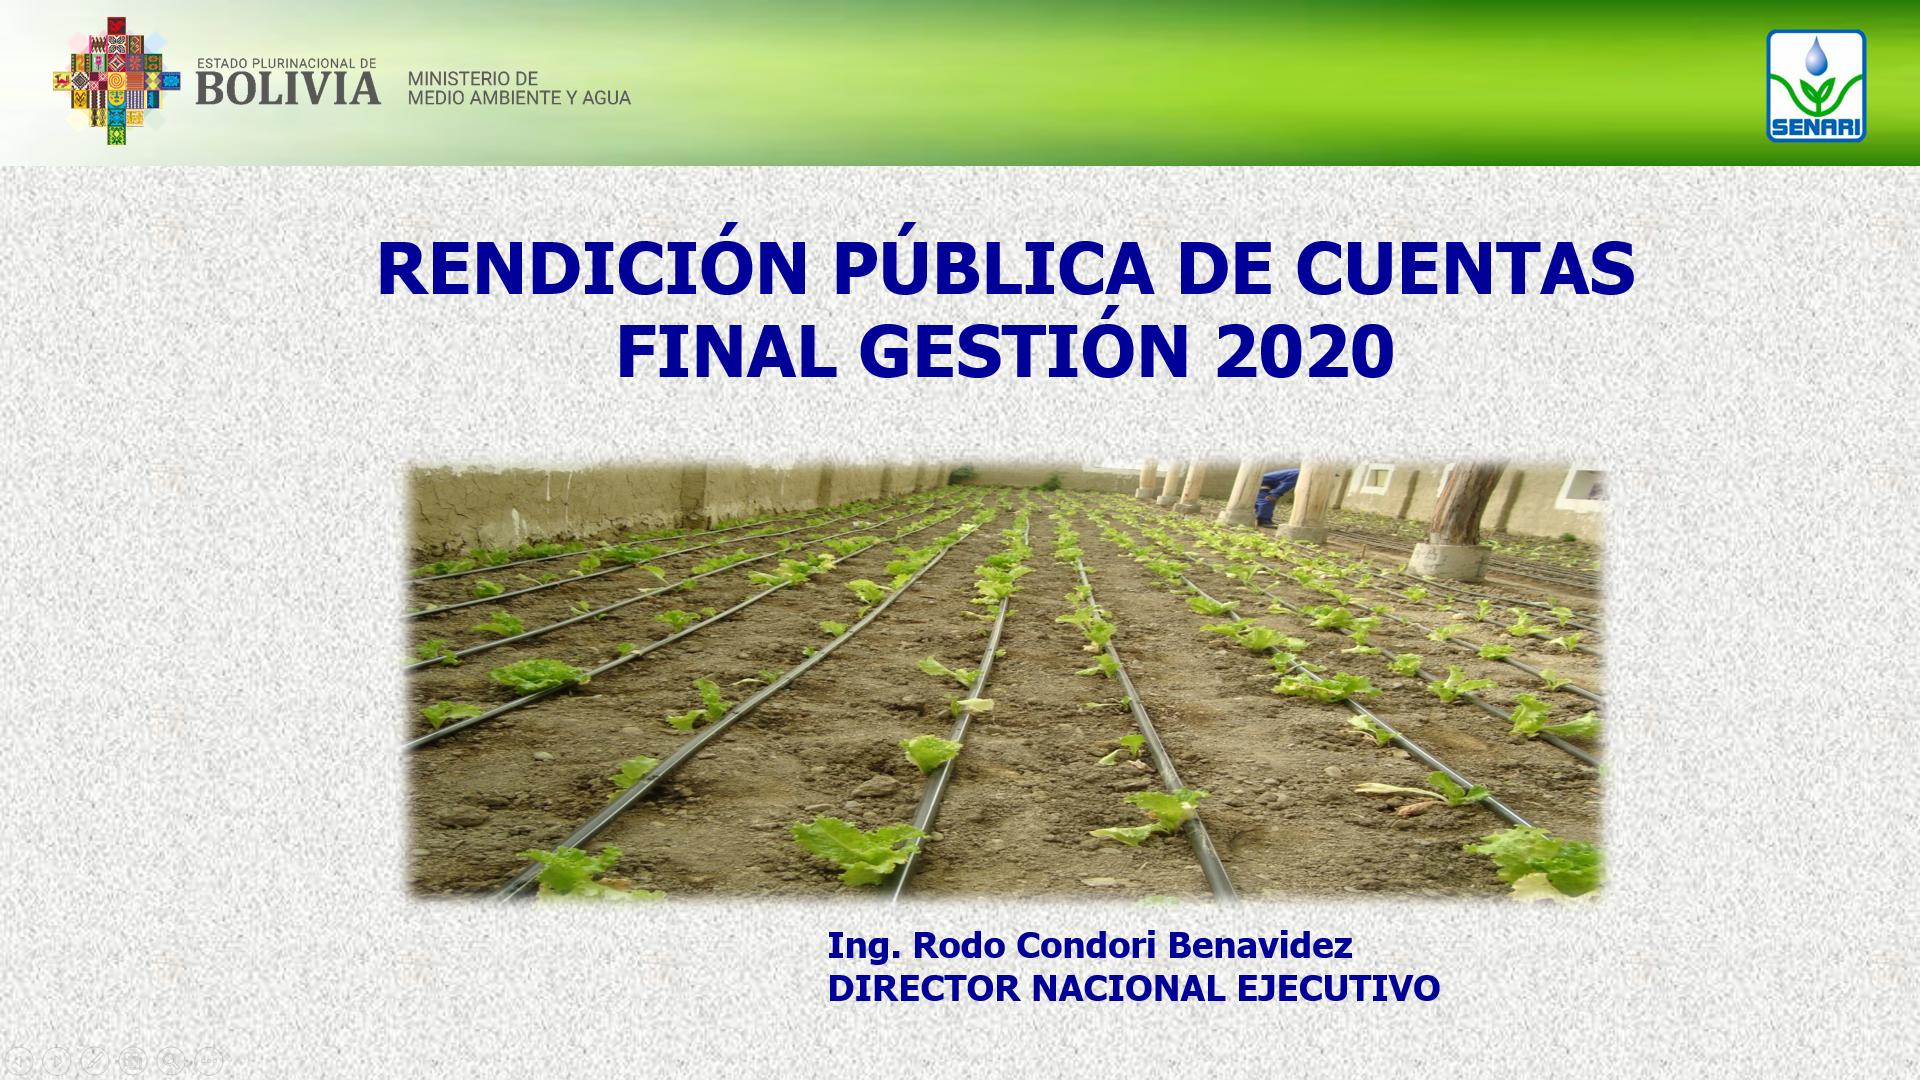 RENDICION DE CUENTAS PUBLICAS 2020